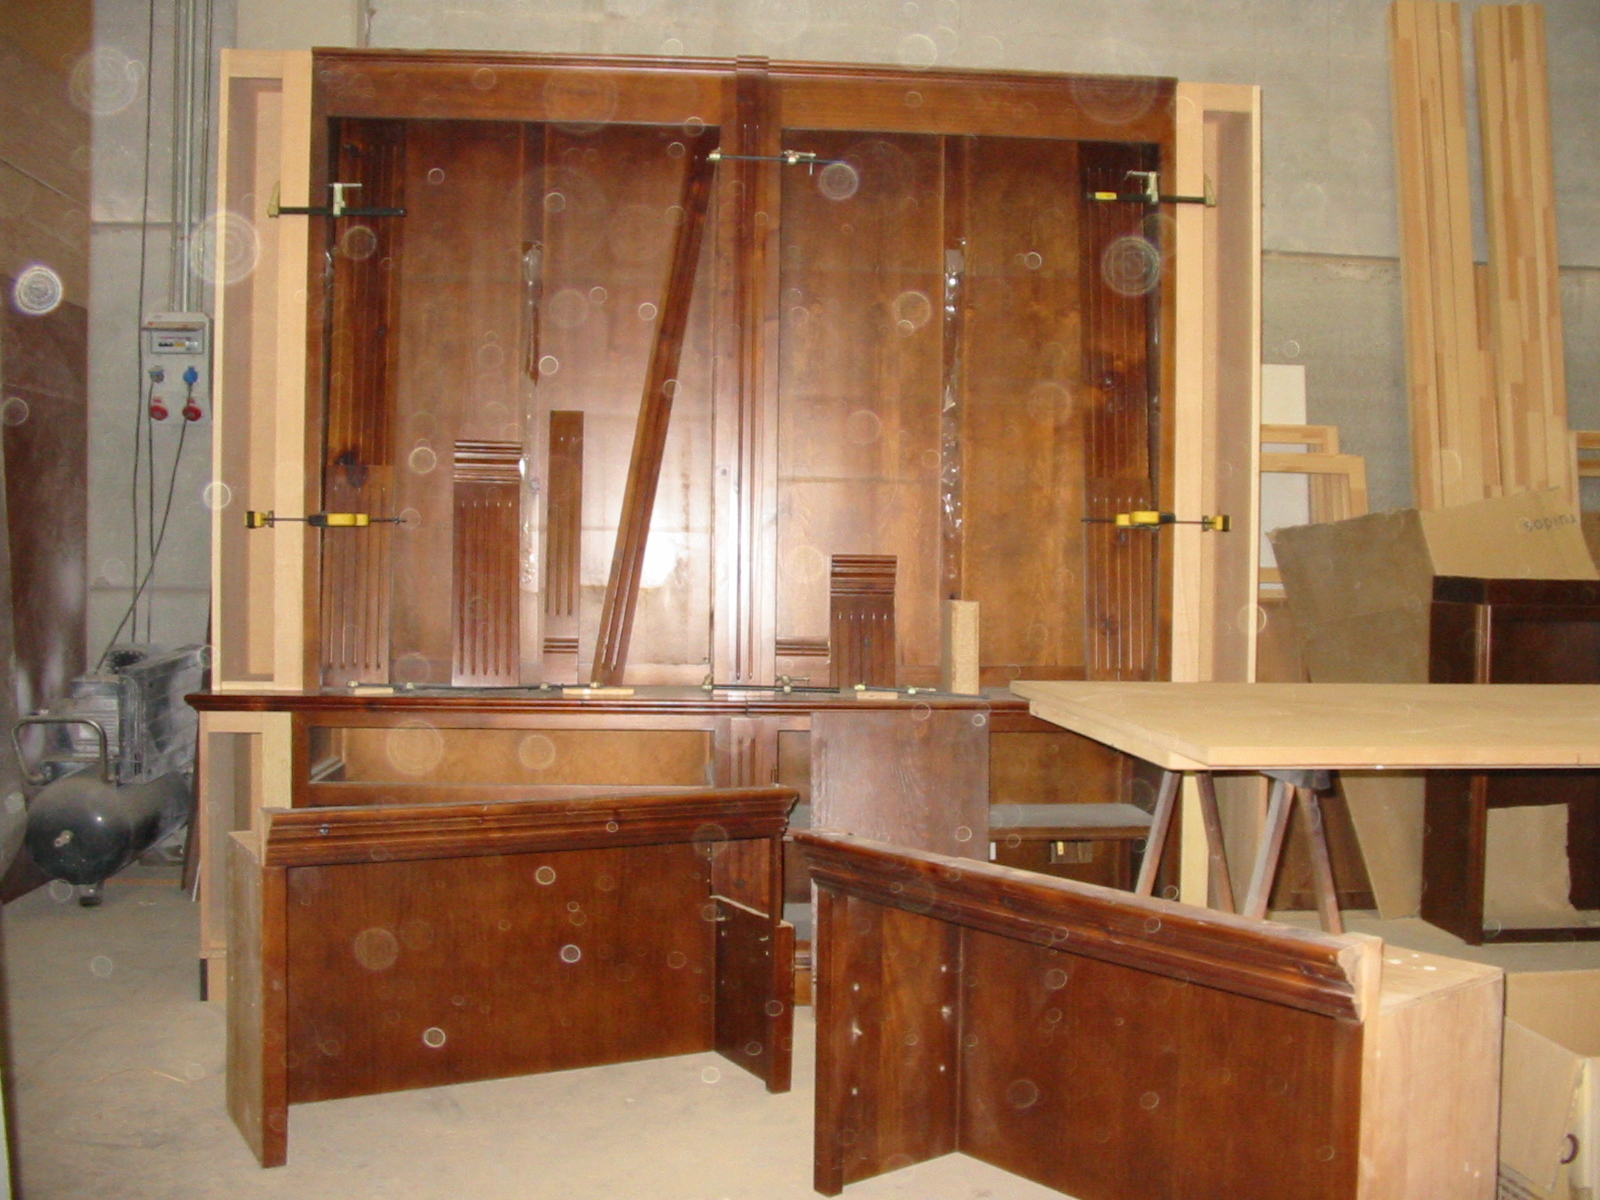 Trabajos lmb muebles antiguos - Muebles antiguos de comedor ...